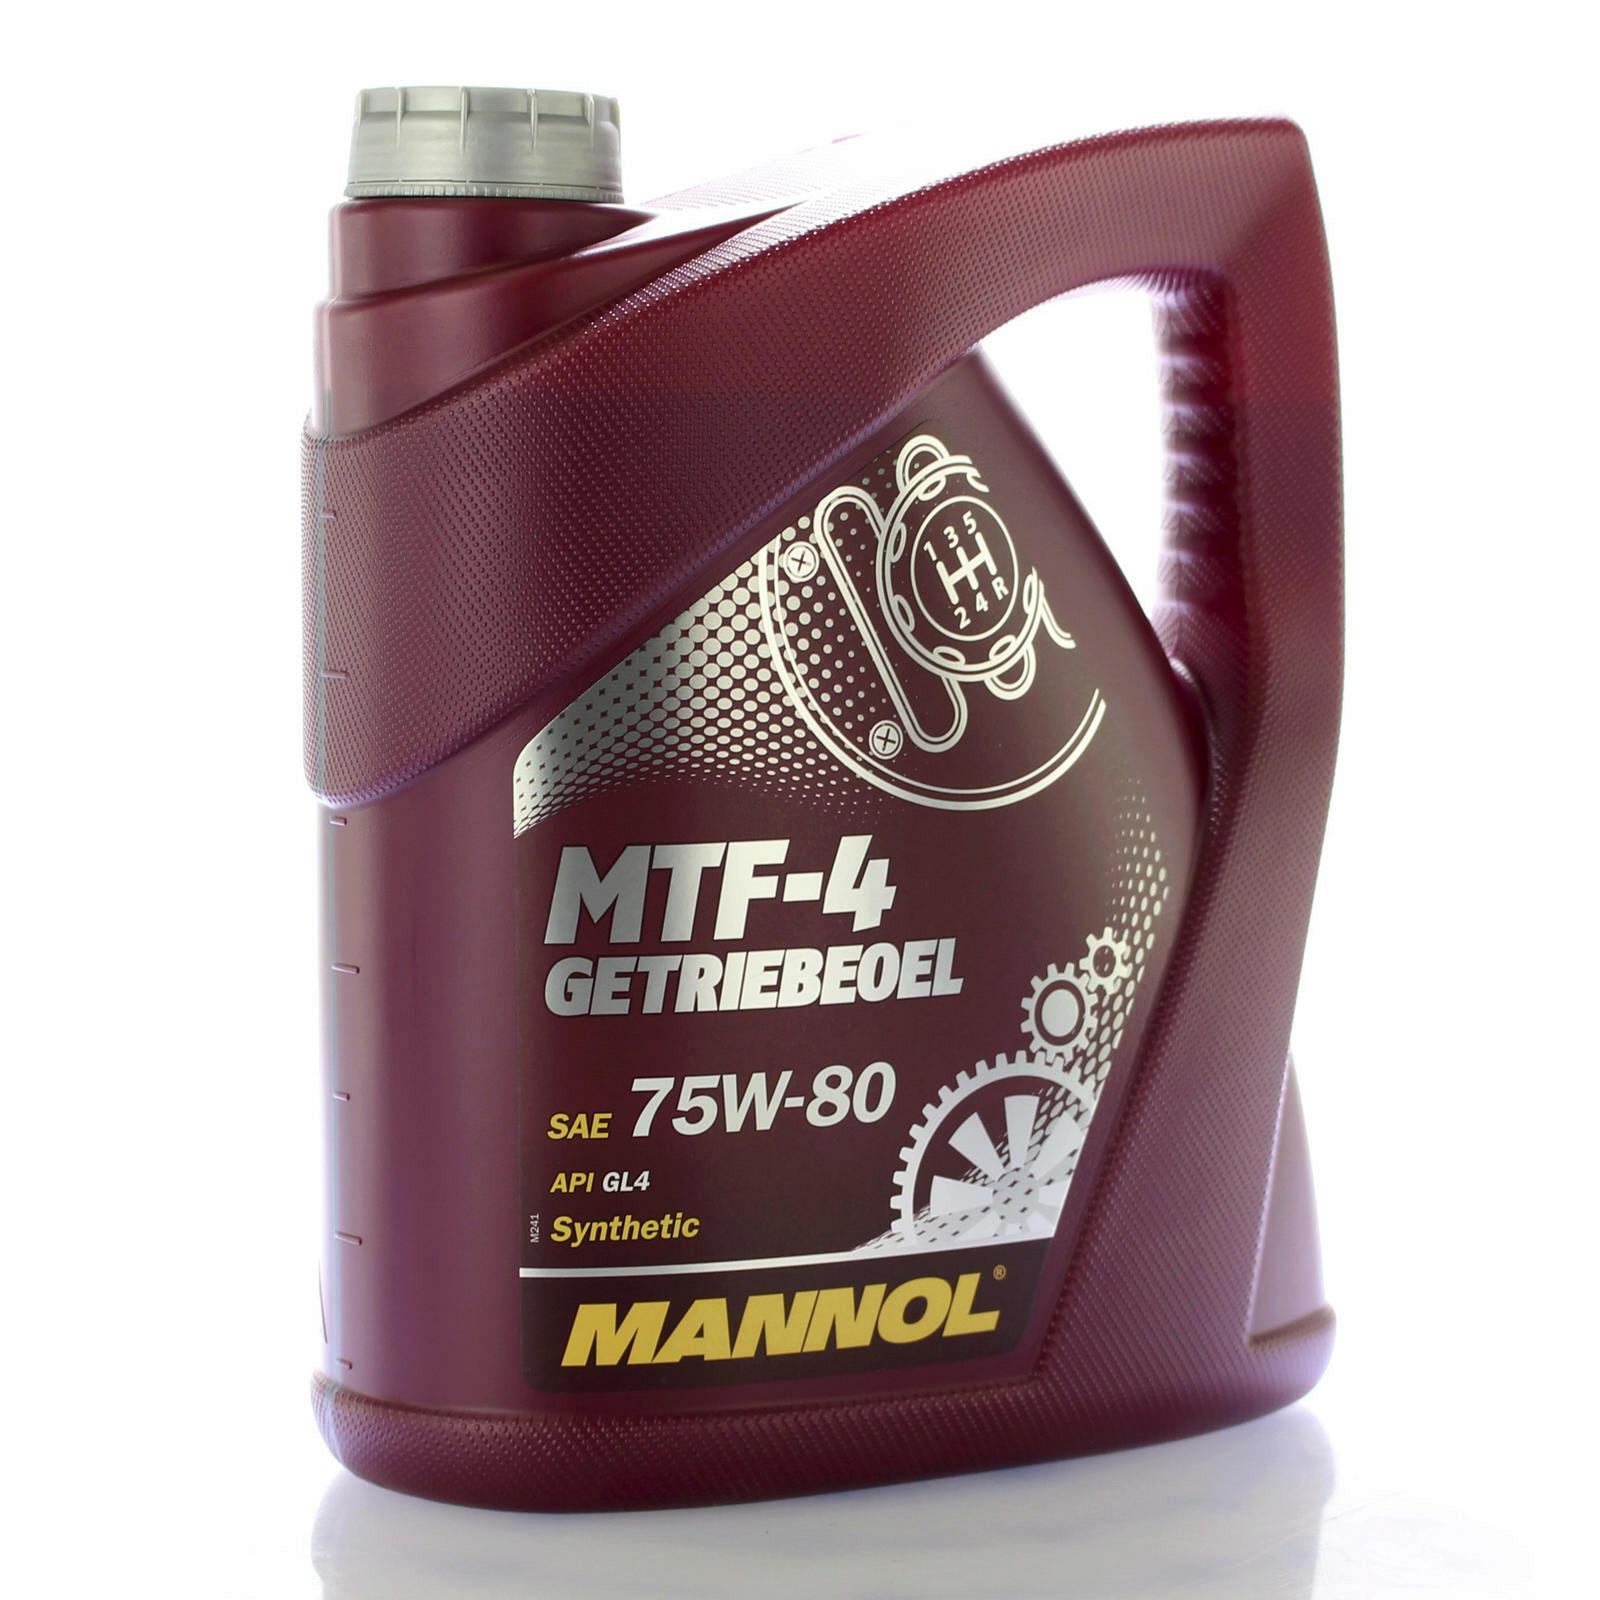 4L Mannol MTF-4 Getriebeöl 75W-80